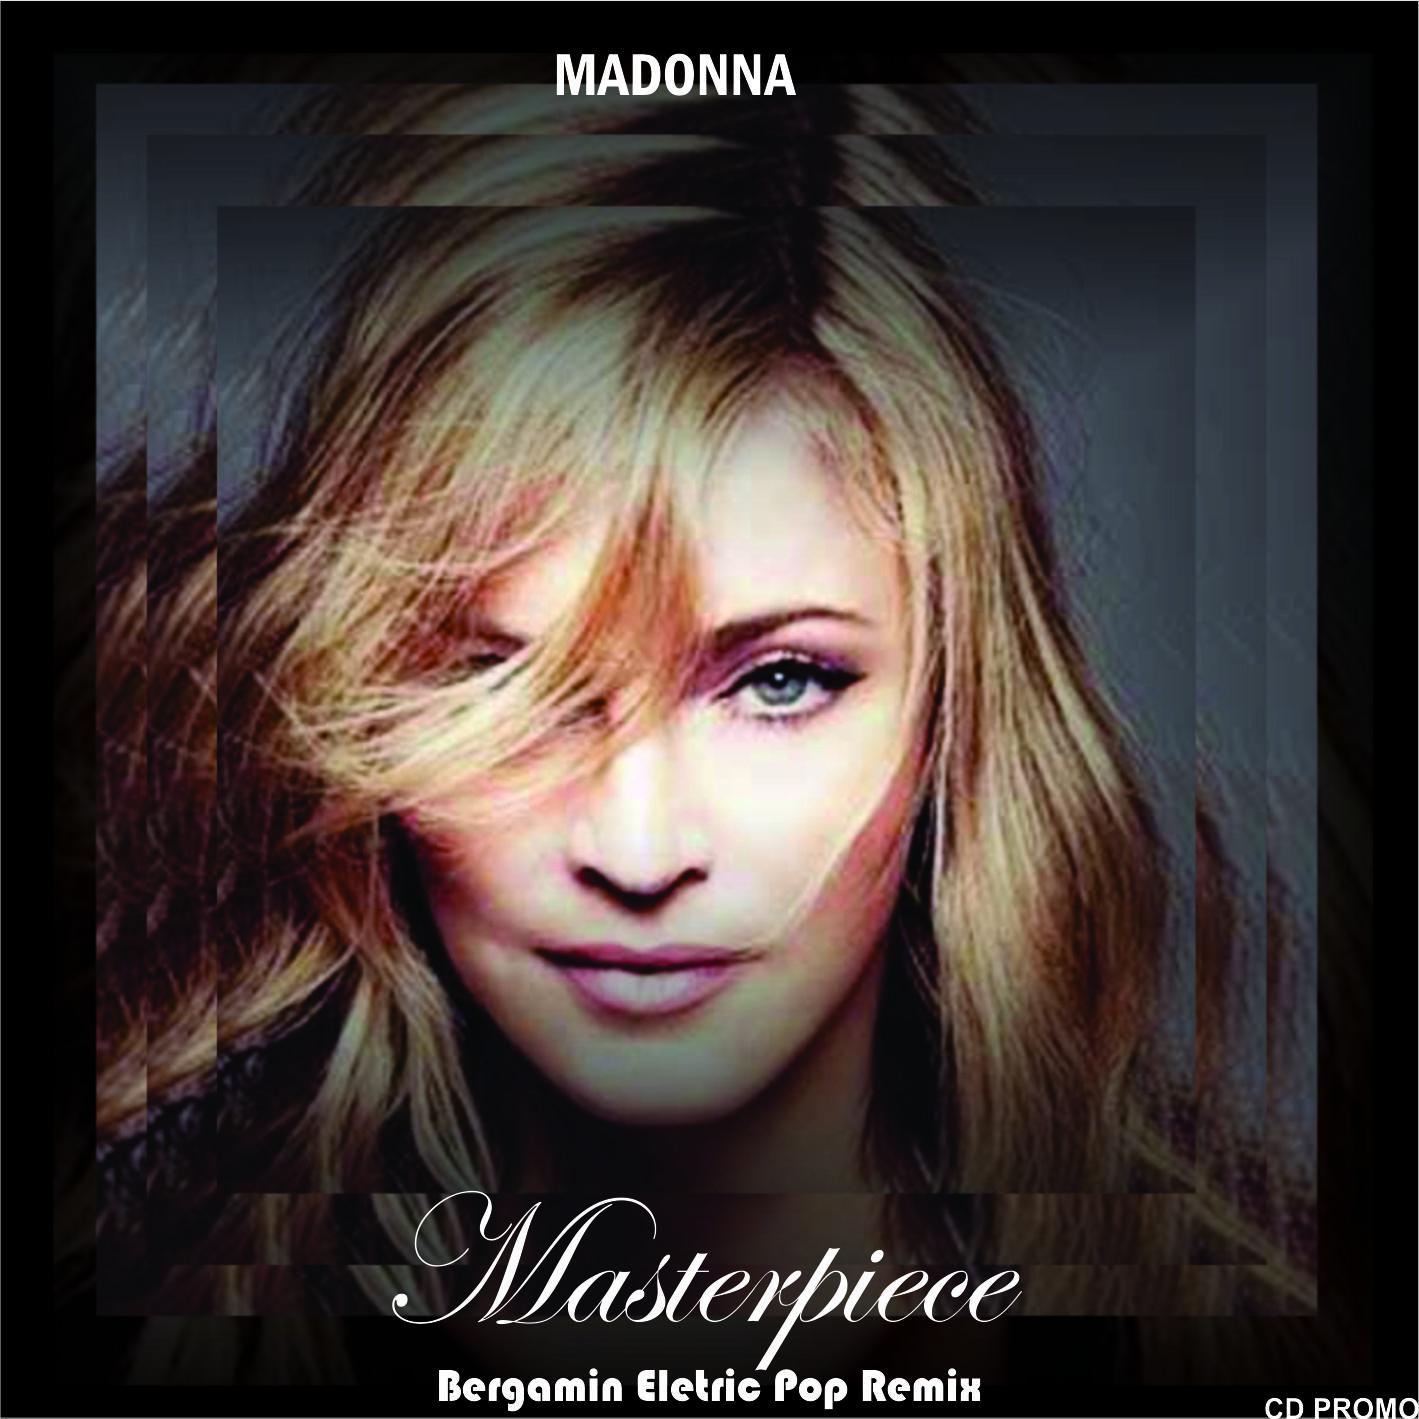 http://4.bp.blogspot.com/-O62ZbQQoLHI/T_2FjiJYE9I/AAAAAAAAI88/uL1JbY_PAys/s1600/CD+MADONNA+MASTERPIECE+%28Bergamin+Eletric+Pop+Remix%29.jpg